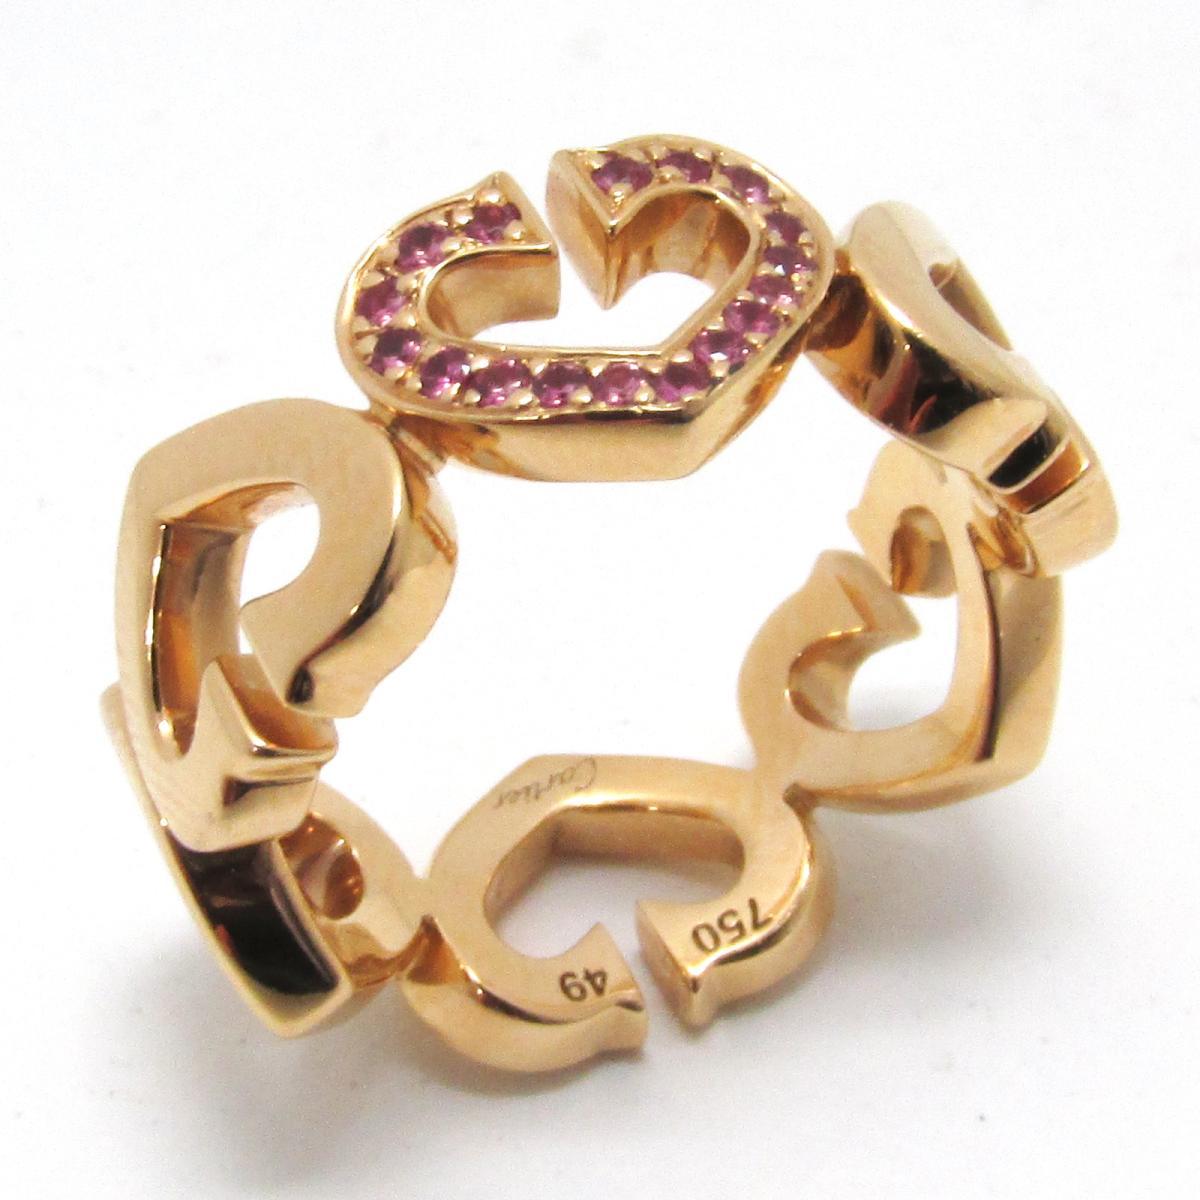 【中古】 カルティエ Cハート ピンクサファイア リング 指輪 レディース K18PG (750) ピンクゴールド x | Cartier BRANDOFF ブランドオフ ブランド ジュエリー アクセサリー